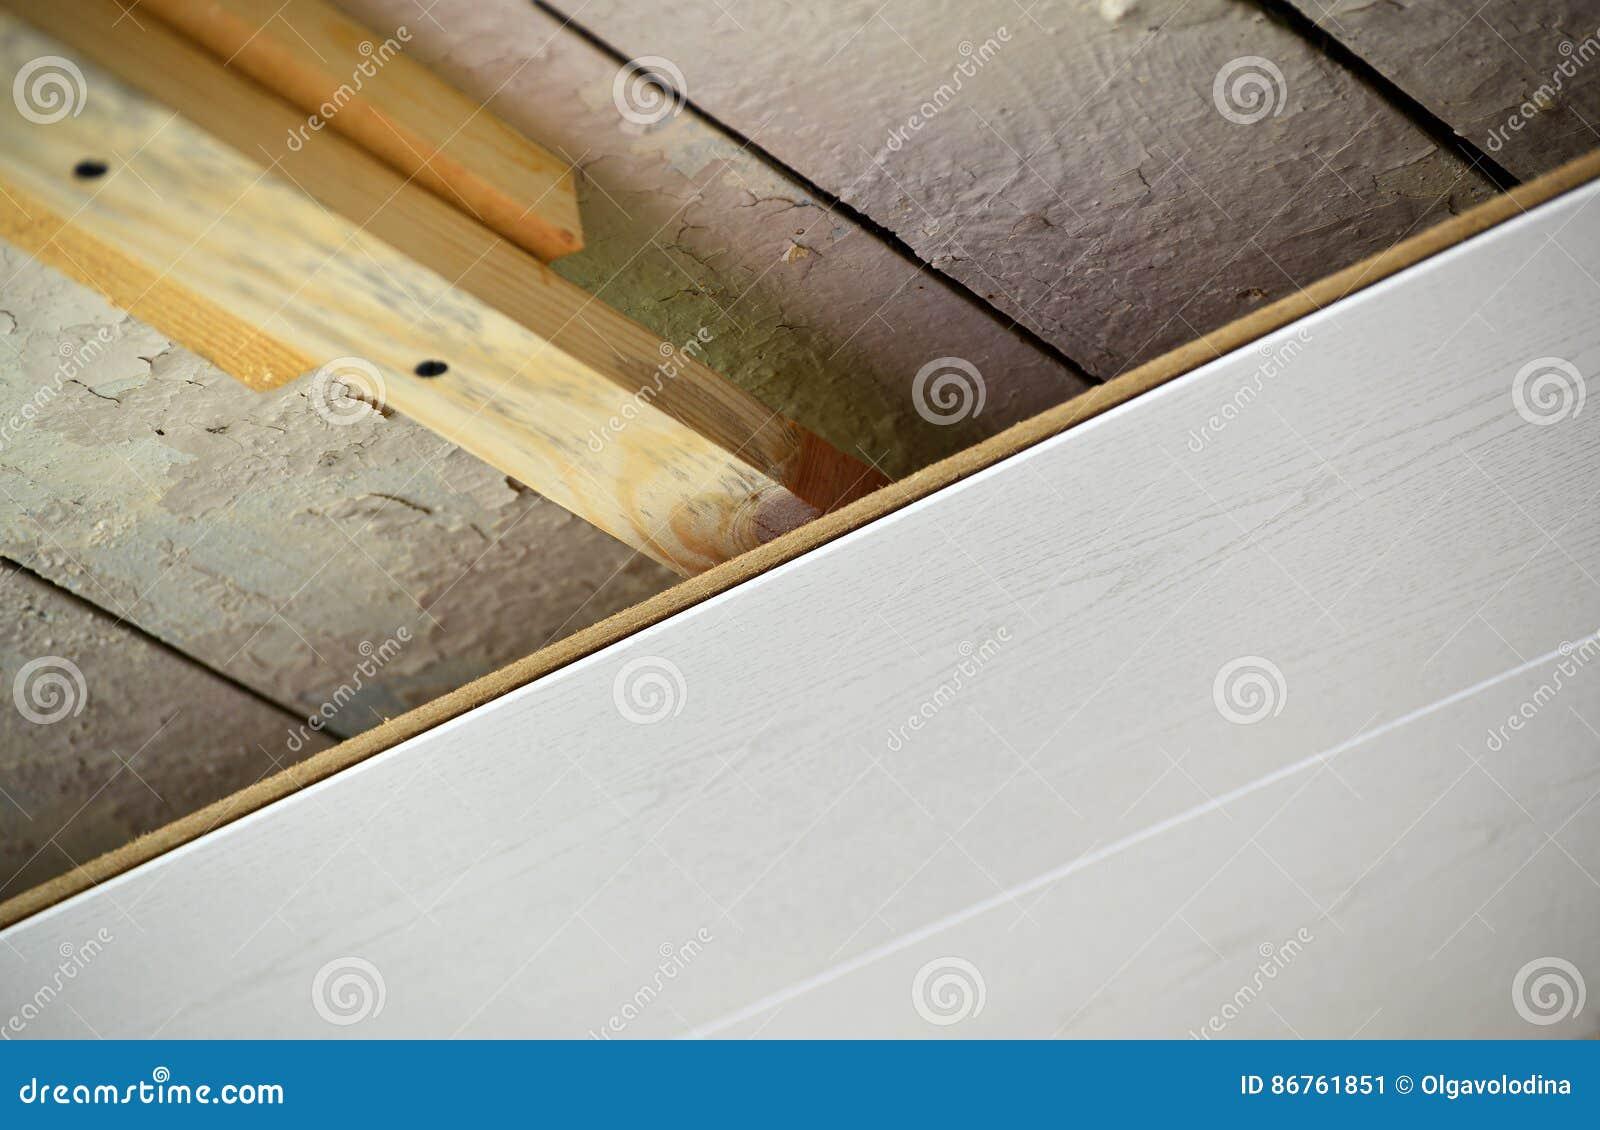 installatie van plafond van mdf panelen stock afbeelding. Black Bedroom Furniture Sets. Home Design Ideas